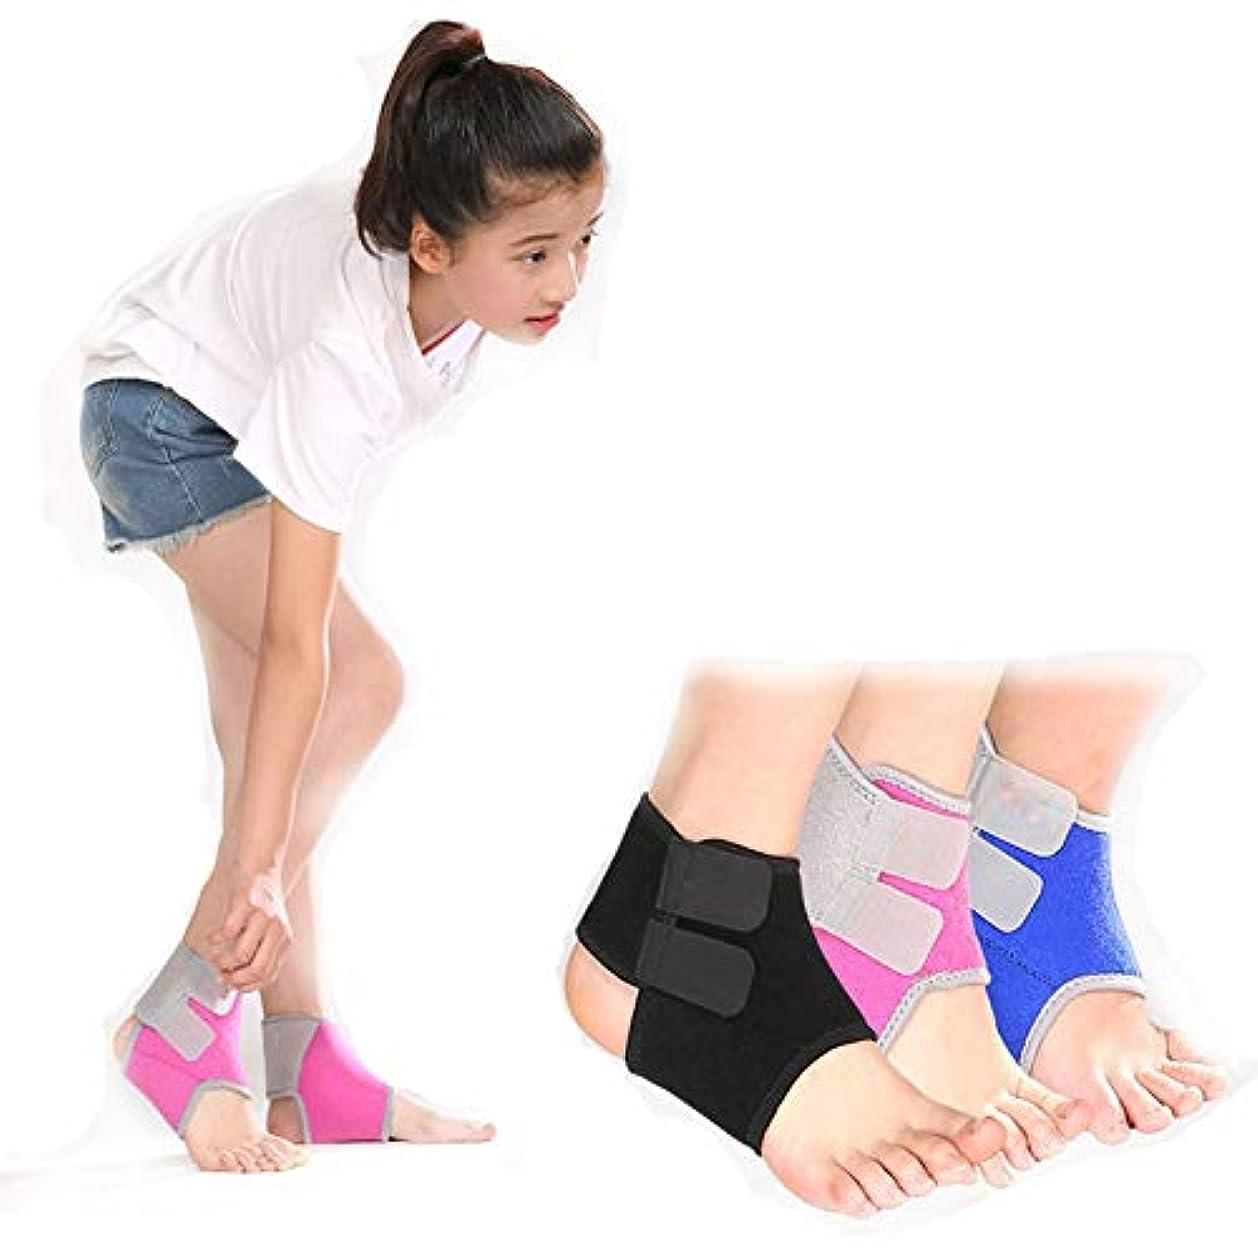 訪問アセンブリ適応する子供の足首、調節可能な足首のサポート、超通気性と超弾性、運動に最適、慢性足首の捻挫を防止、捻挫